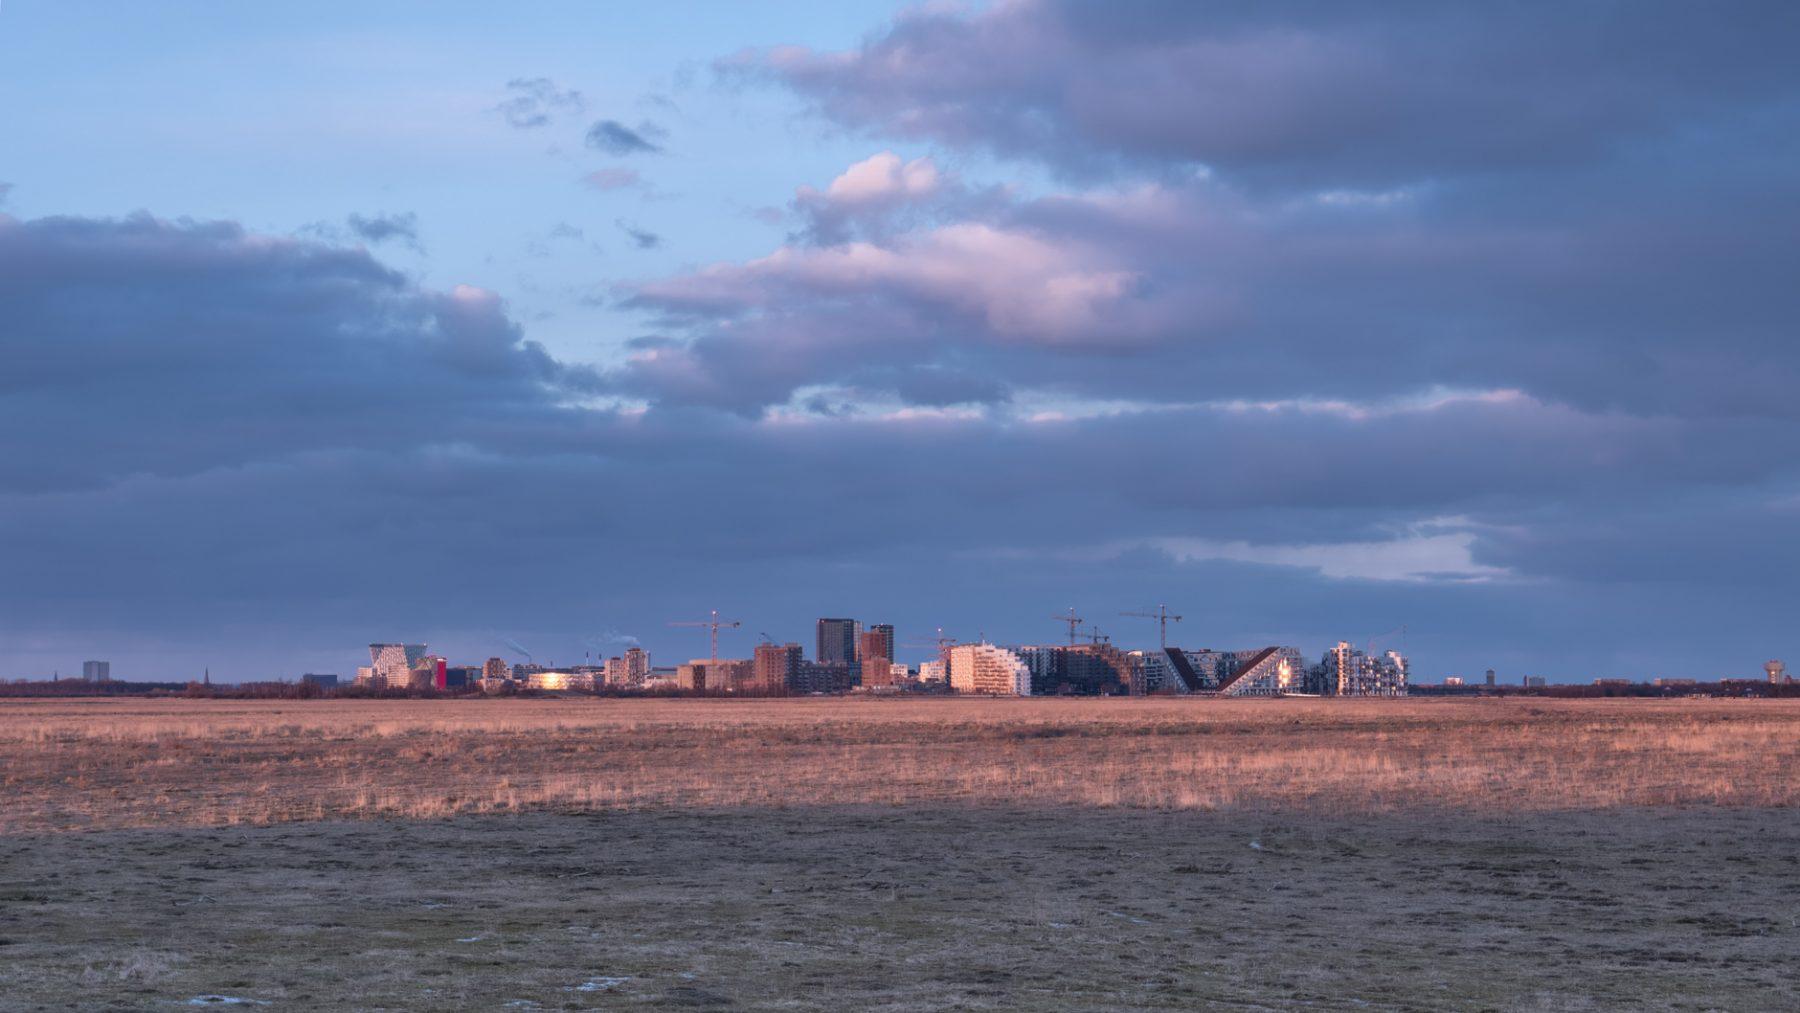 Landskabsfotografering: Kalvebod Fælled og Ørestad i baggrunden